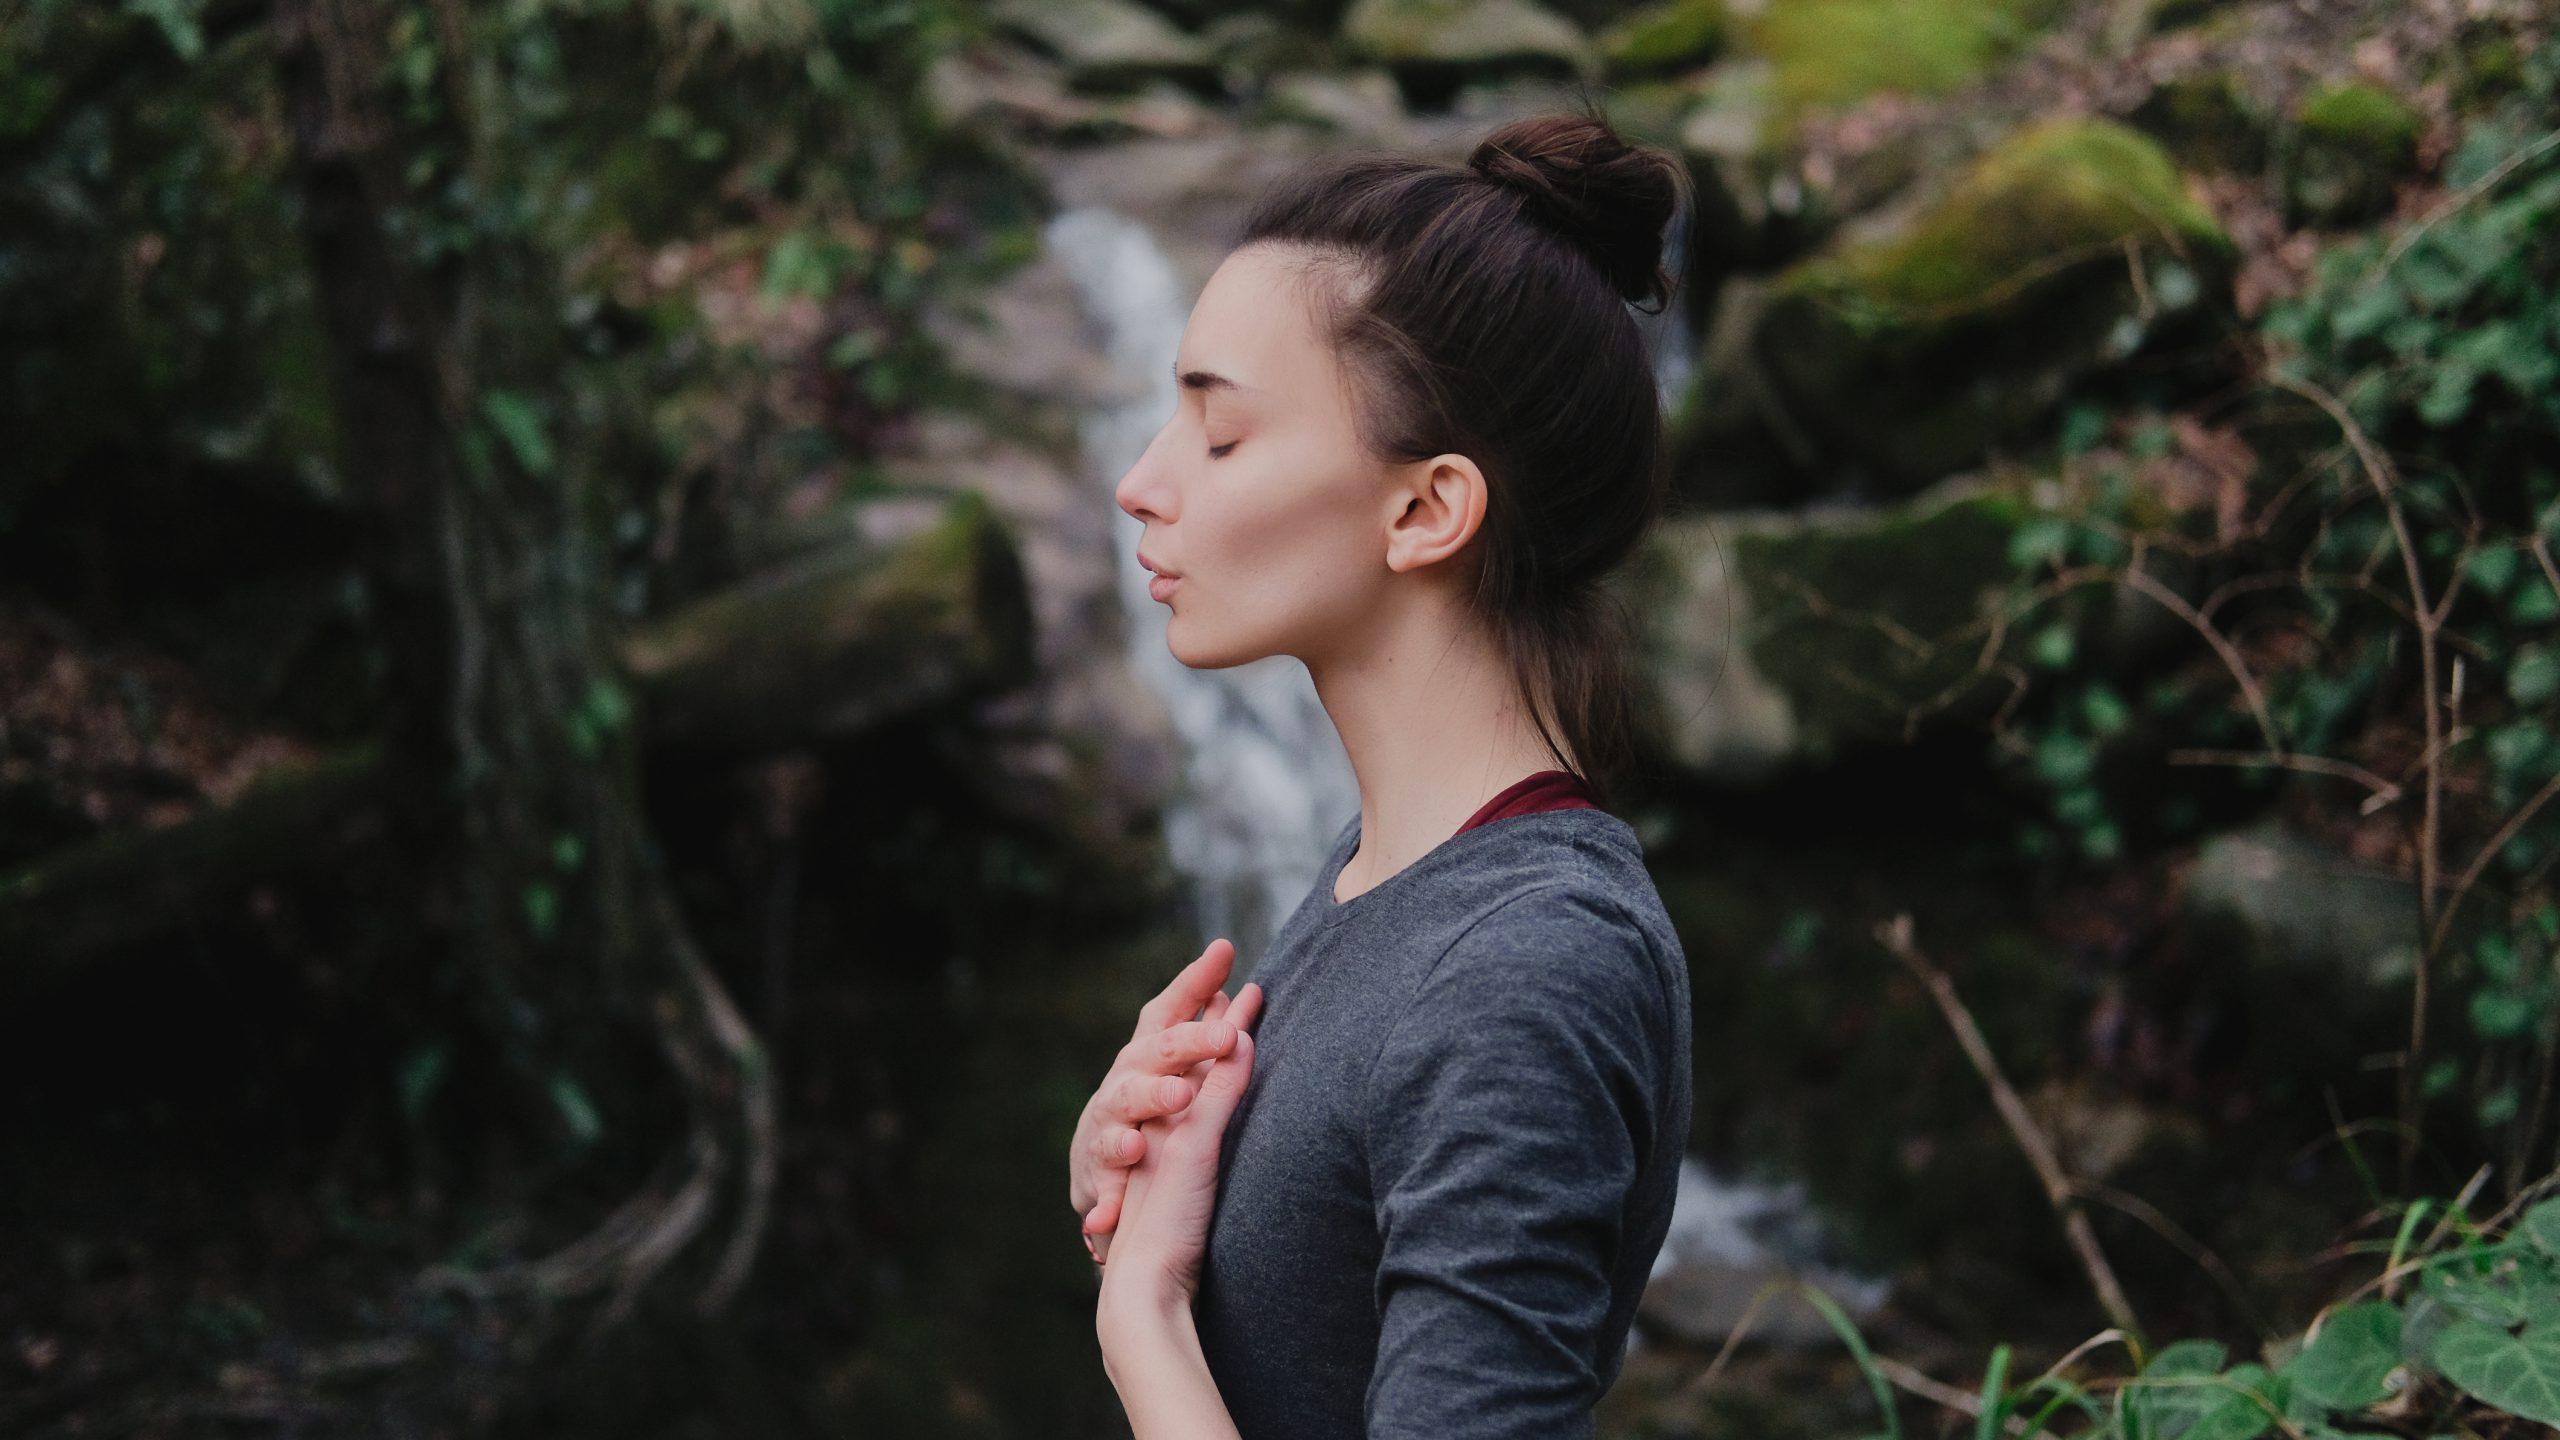 lymfenklieren reinigen ademhaling